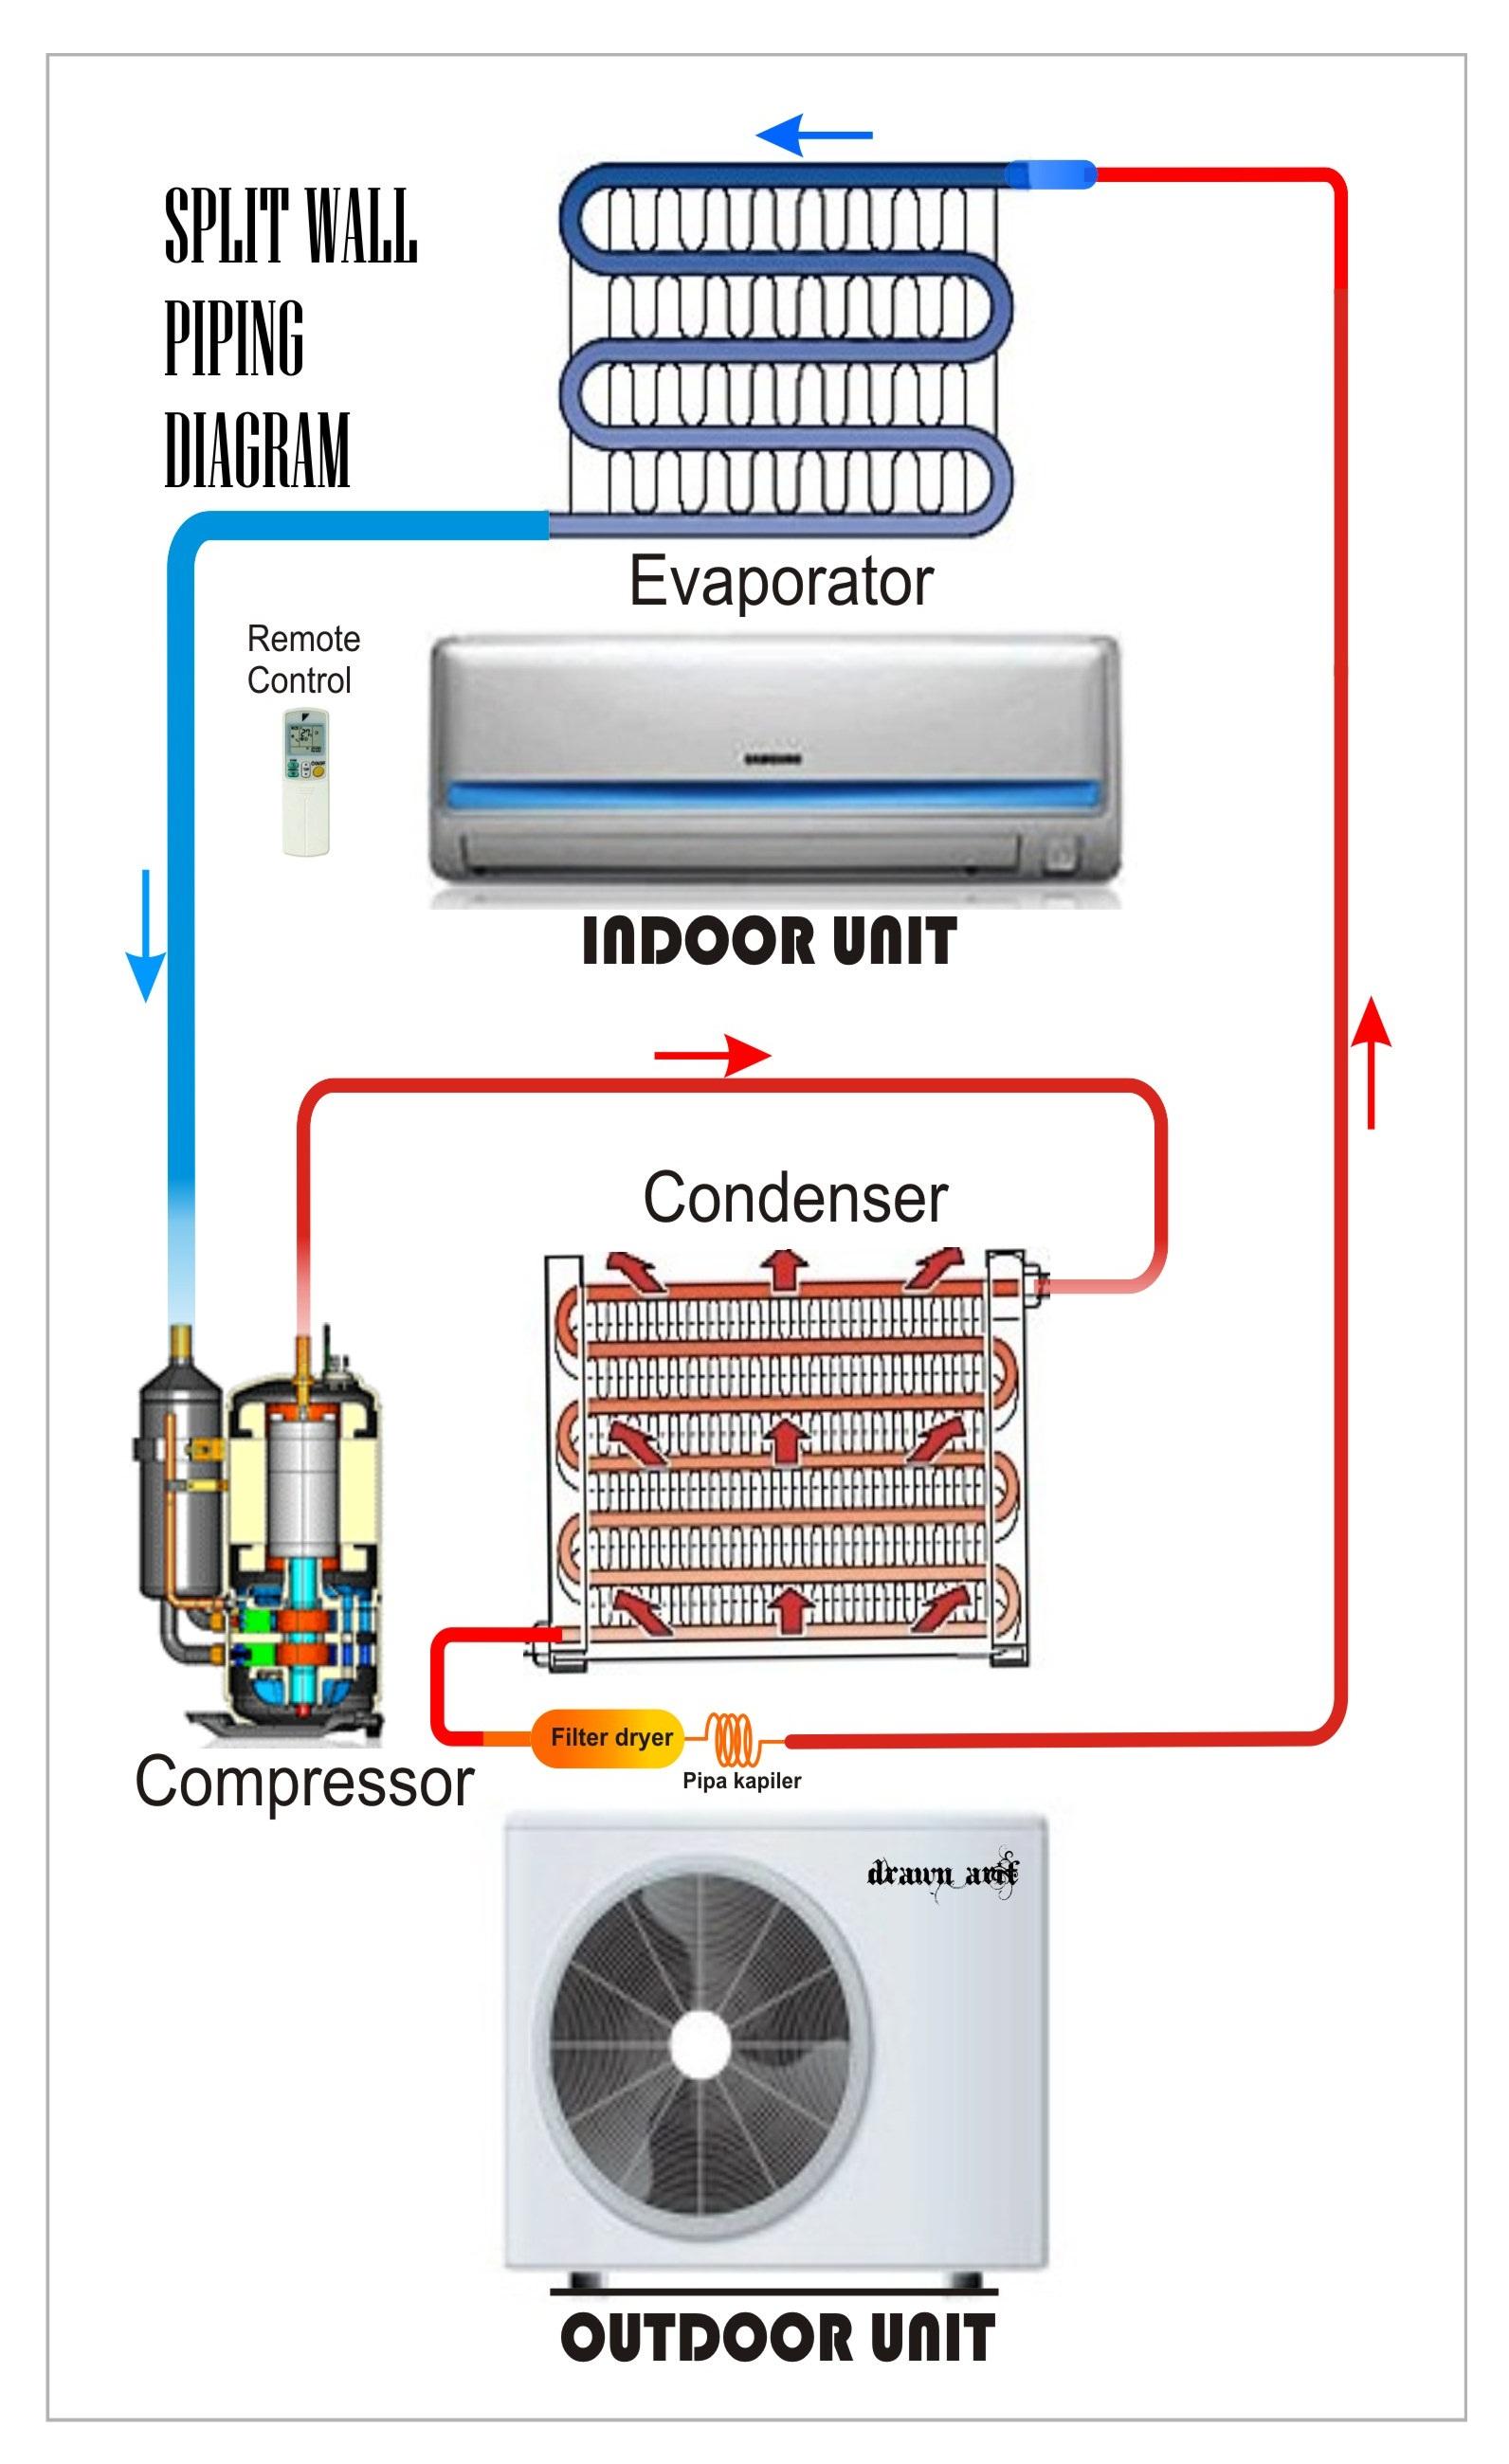 medium resolution of split wall piping diagram refrigeration air conditioning wiringsplit wall piping diagram refrigeration u0026 air conditioning